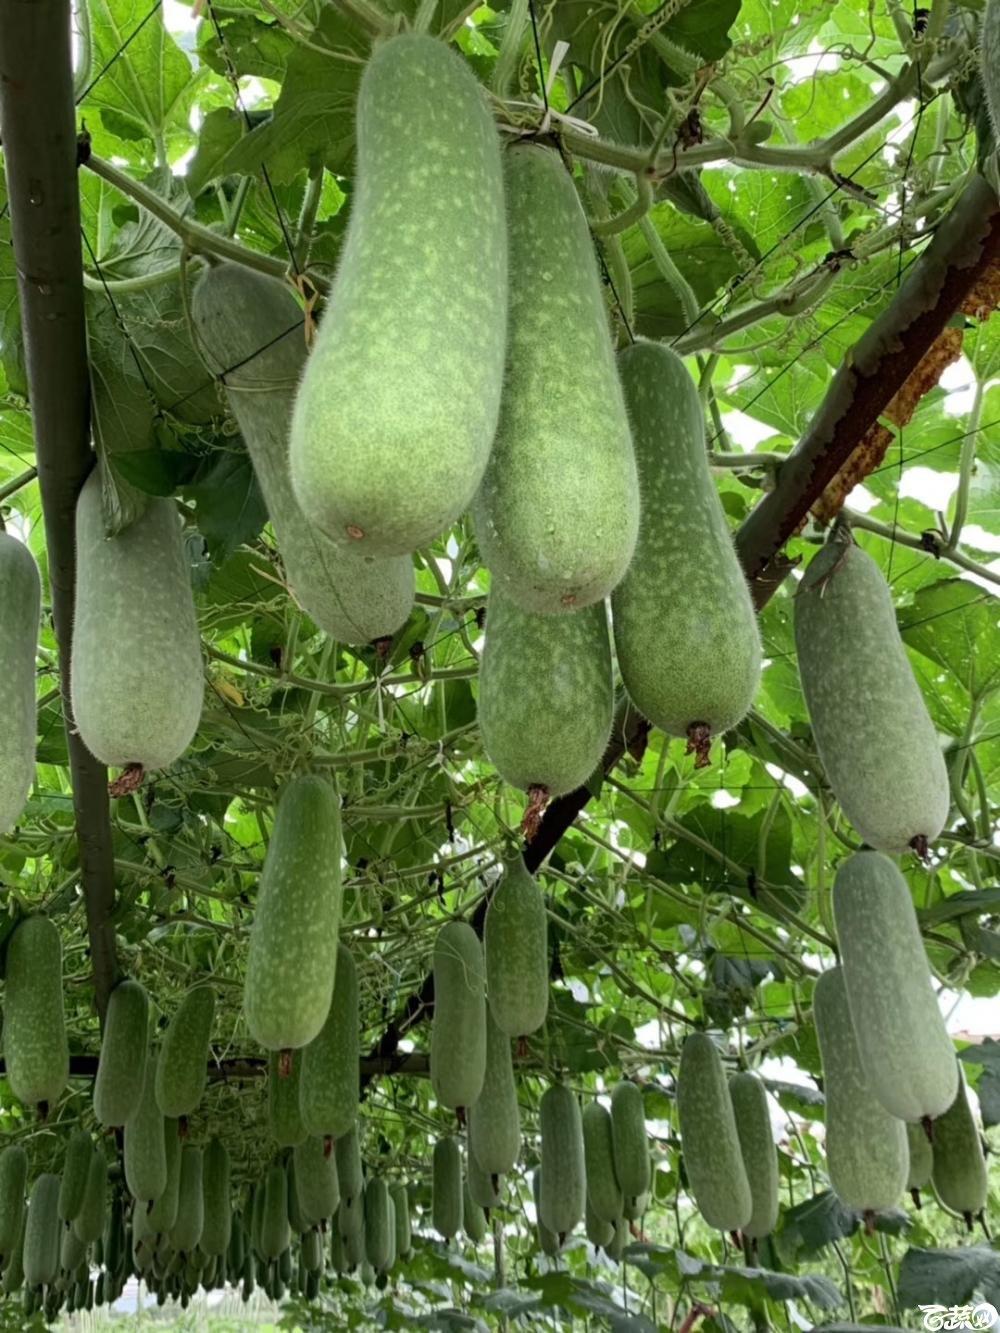 第十七届广州市蔬菜新品种展示推广会,广州亚蔬种苗公司19-6节瓜.JPG